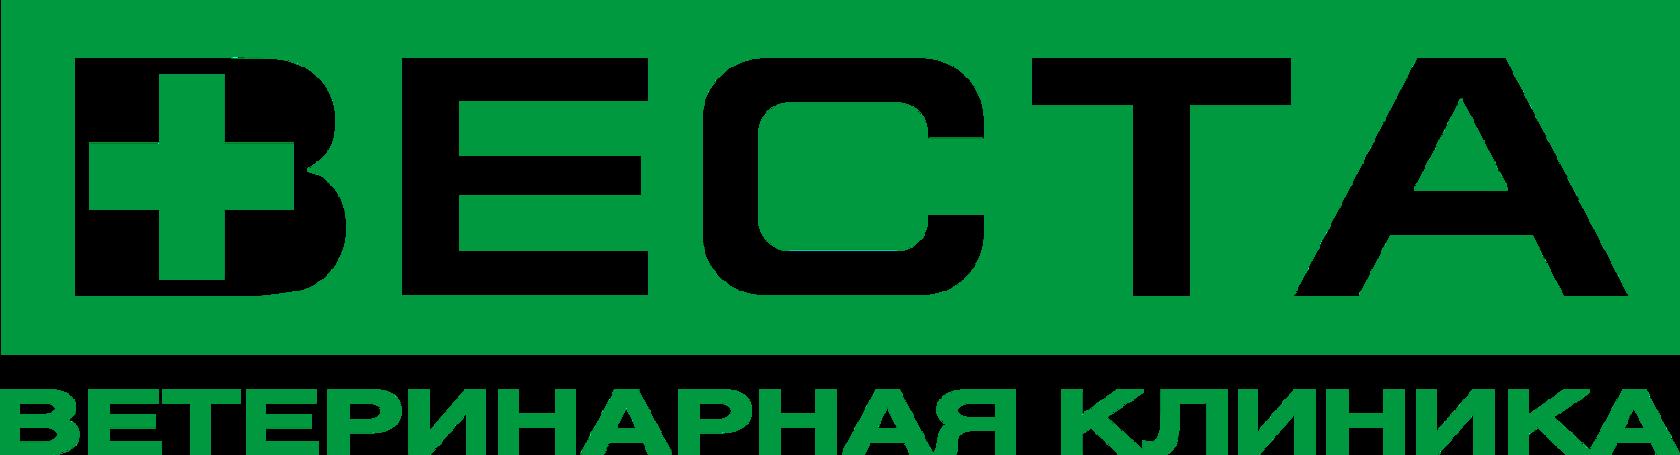 Веста - сеть ветеринарных клиник в Москве